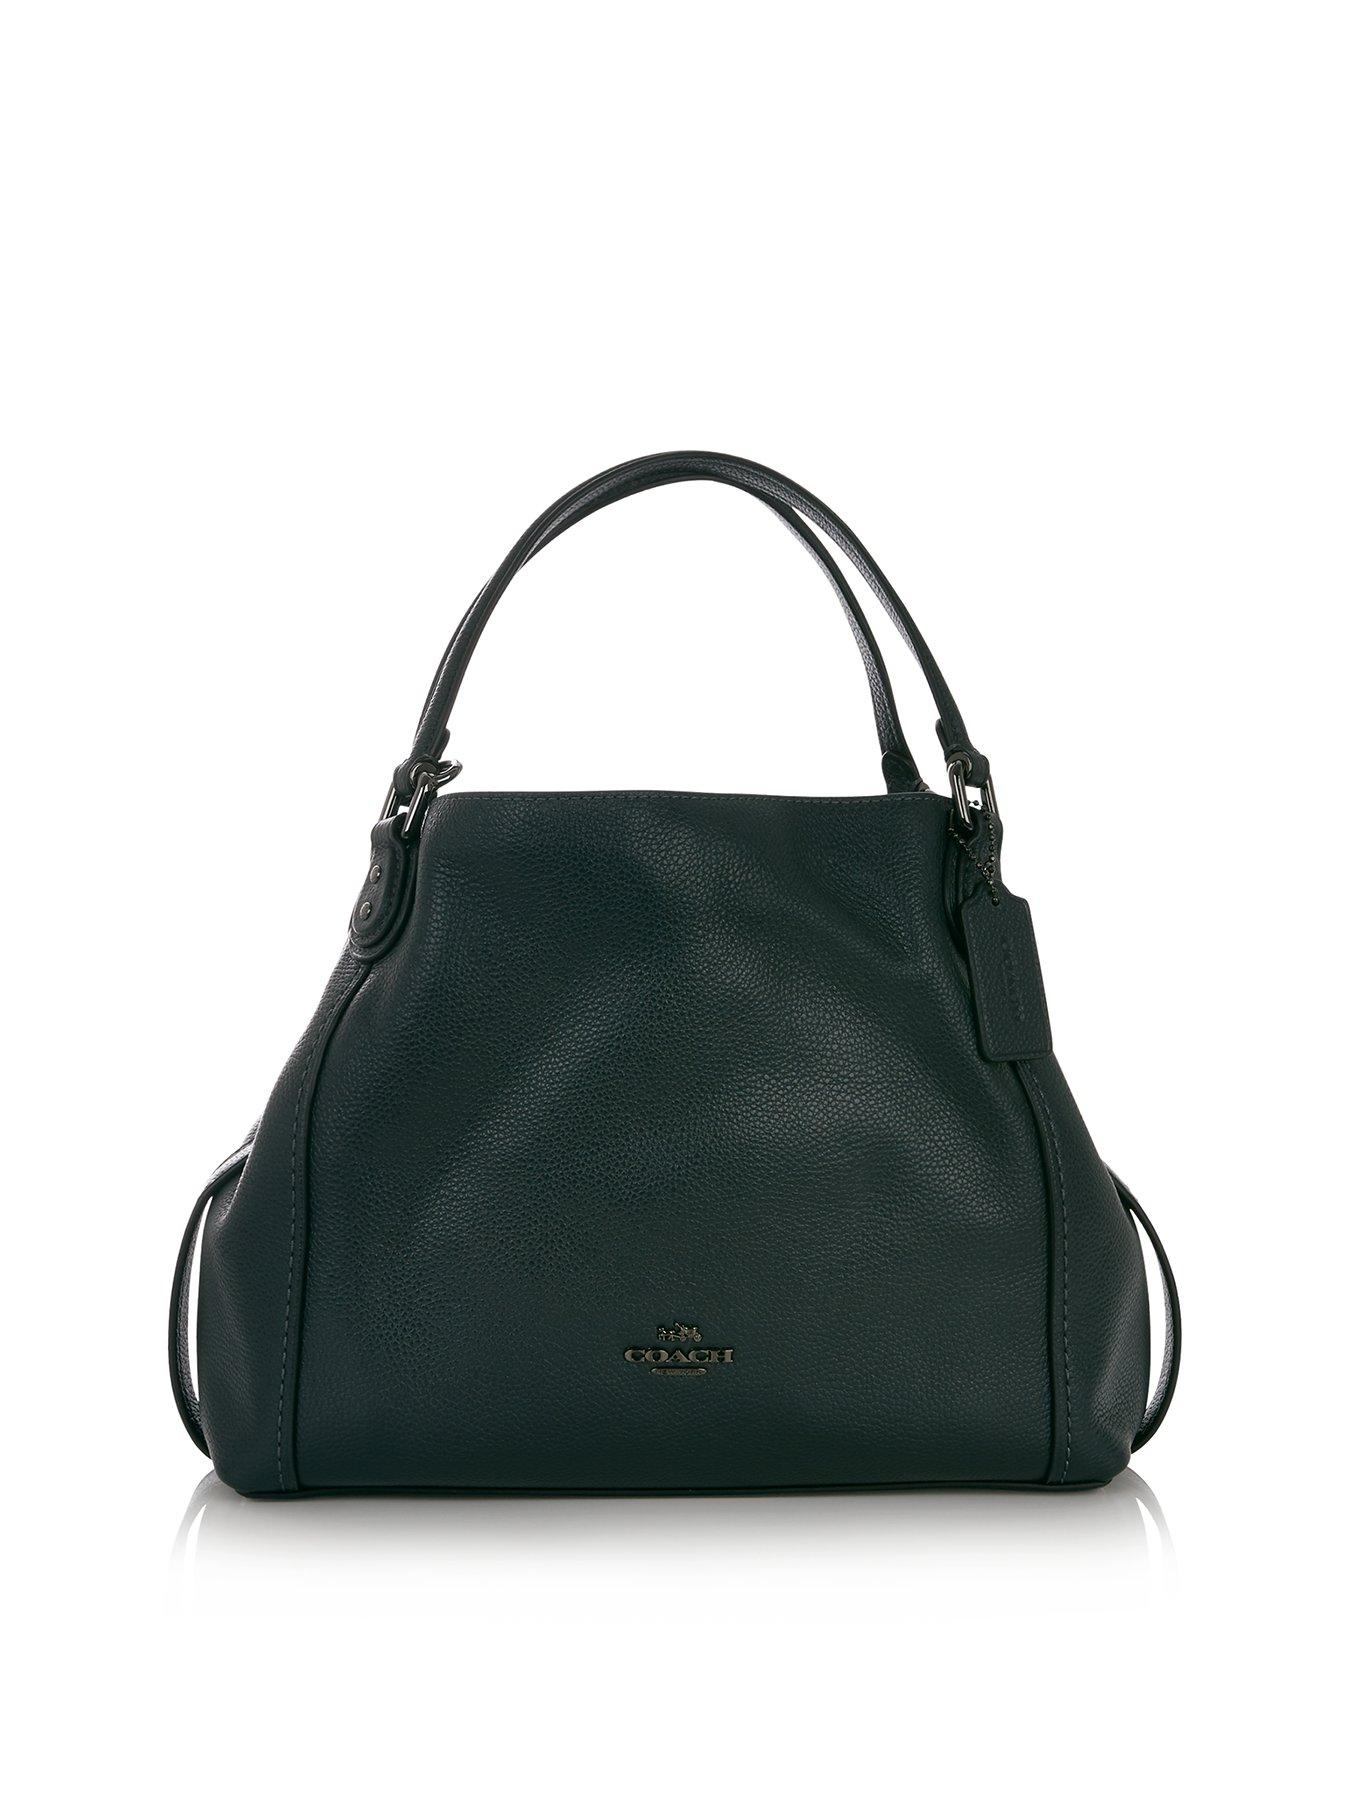 47195aea where can i buy dark green coach bag 024db 87c6e